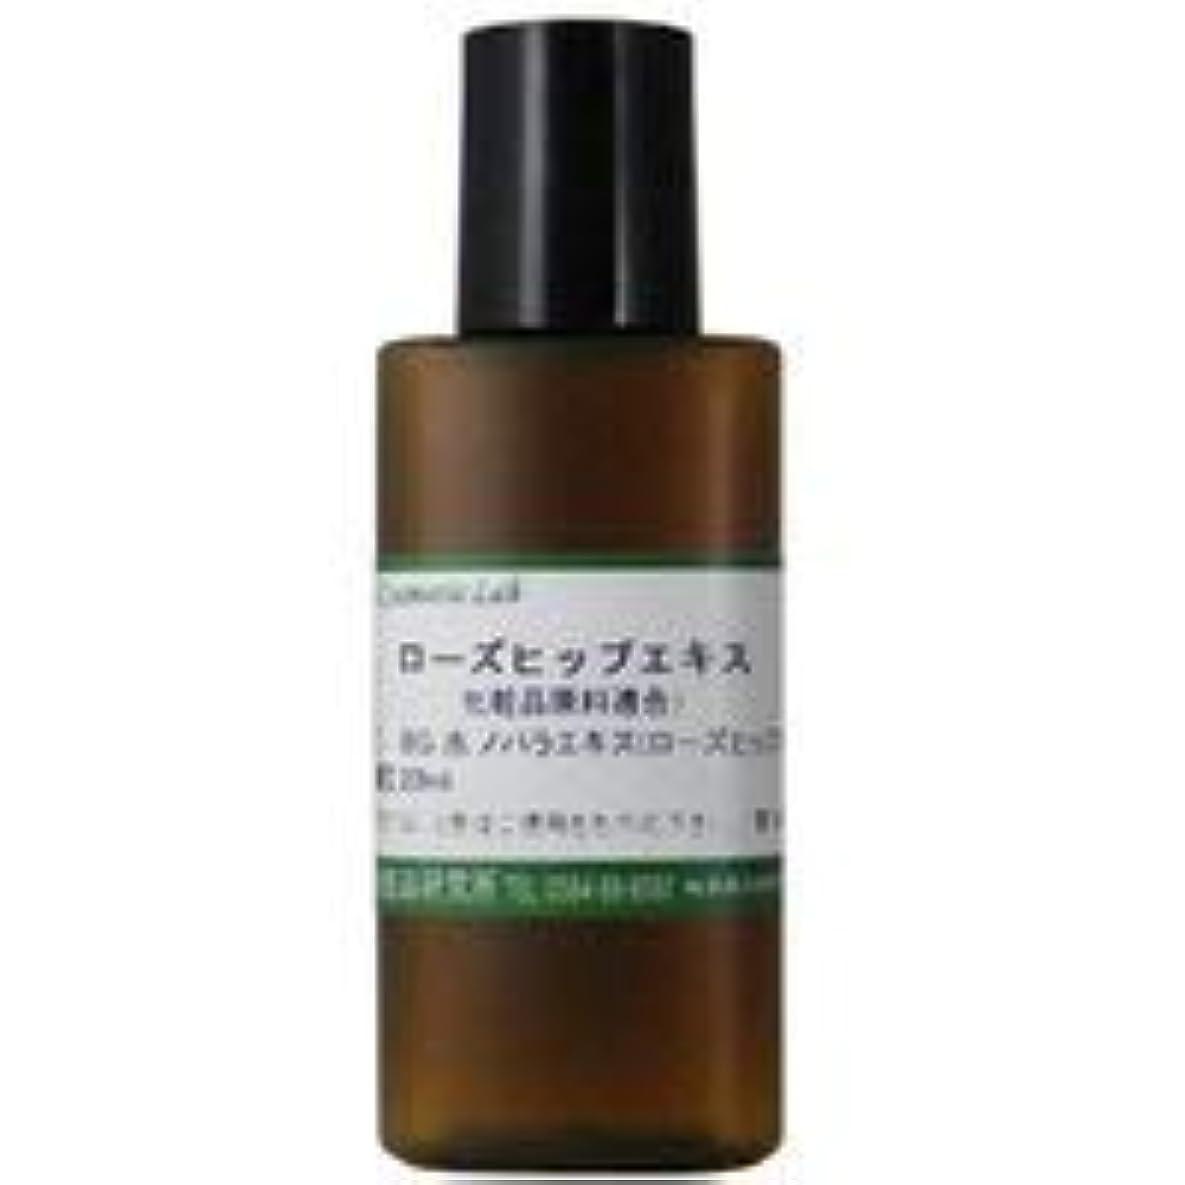 分類変な評価ローズヒップエキス 20ml 【手作り化粧品原料】